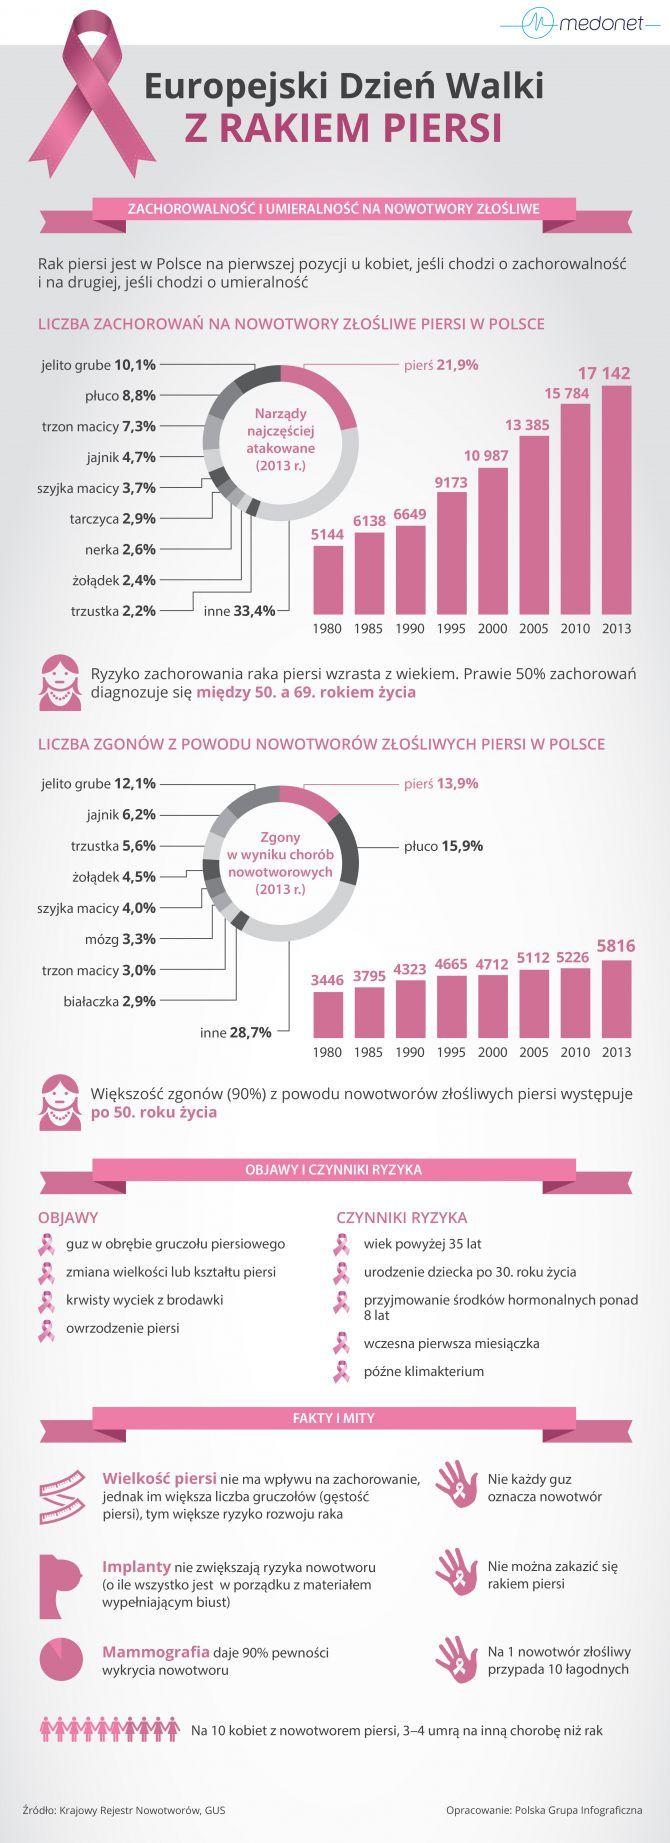 Rak piersi. Co mówią statystyki? Ile kobiet umiera na raka piersi? Czy nowotwór piersi jest wyleczalny?